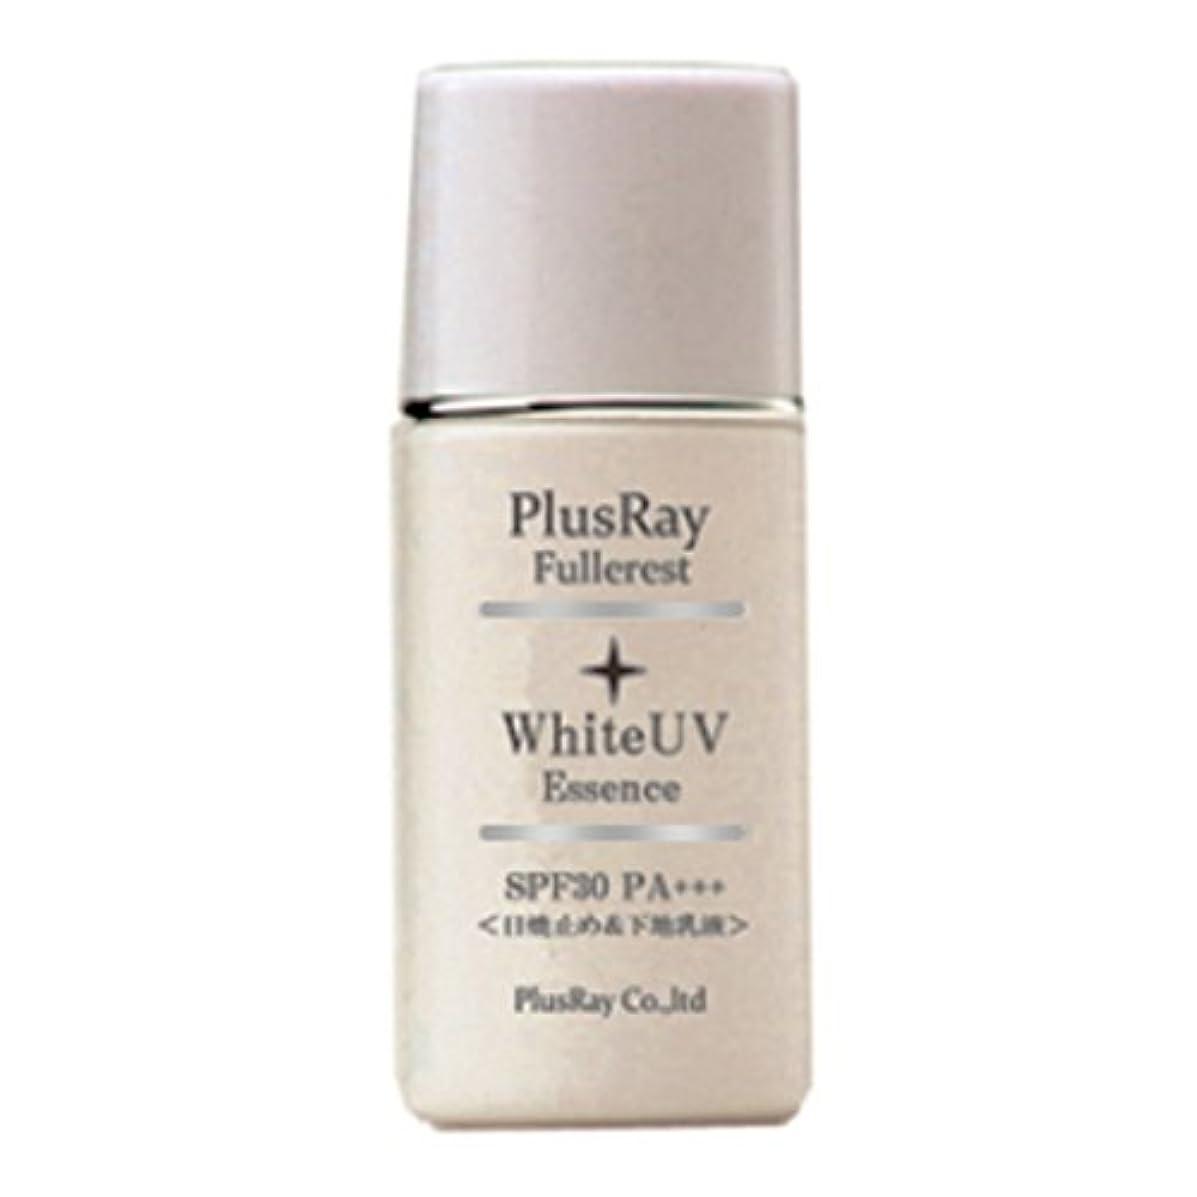 無秩序カフェテリア放牧するプラスレイ(PlusRay)化粧品 フラーレスト ホワイト UV エッセンス 化粧下地 紫外線対策 A波 B波 対応 乳液タイプ